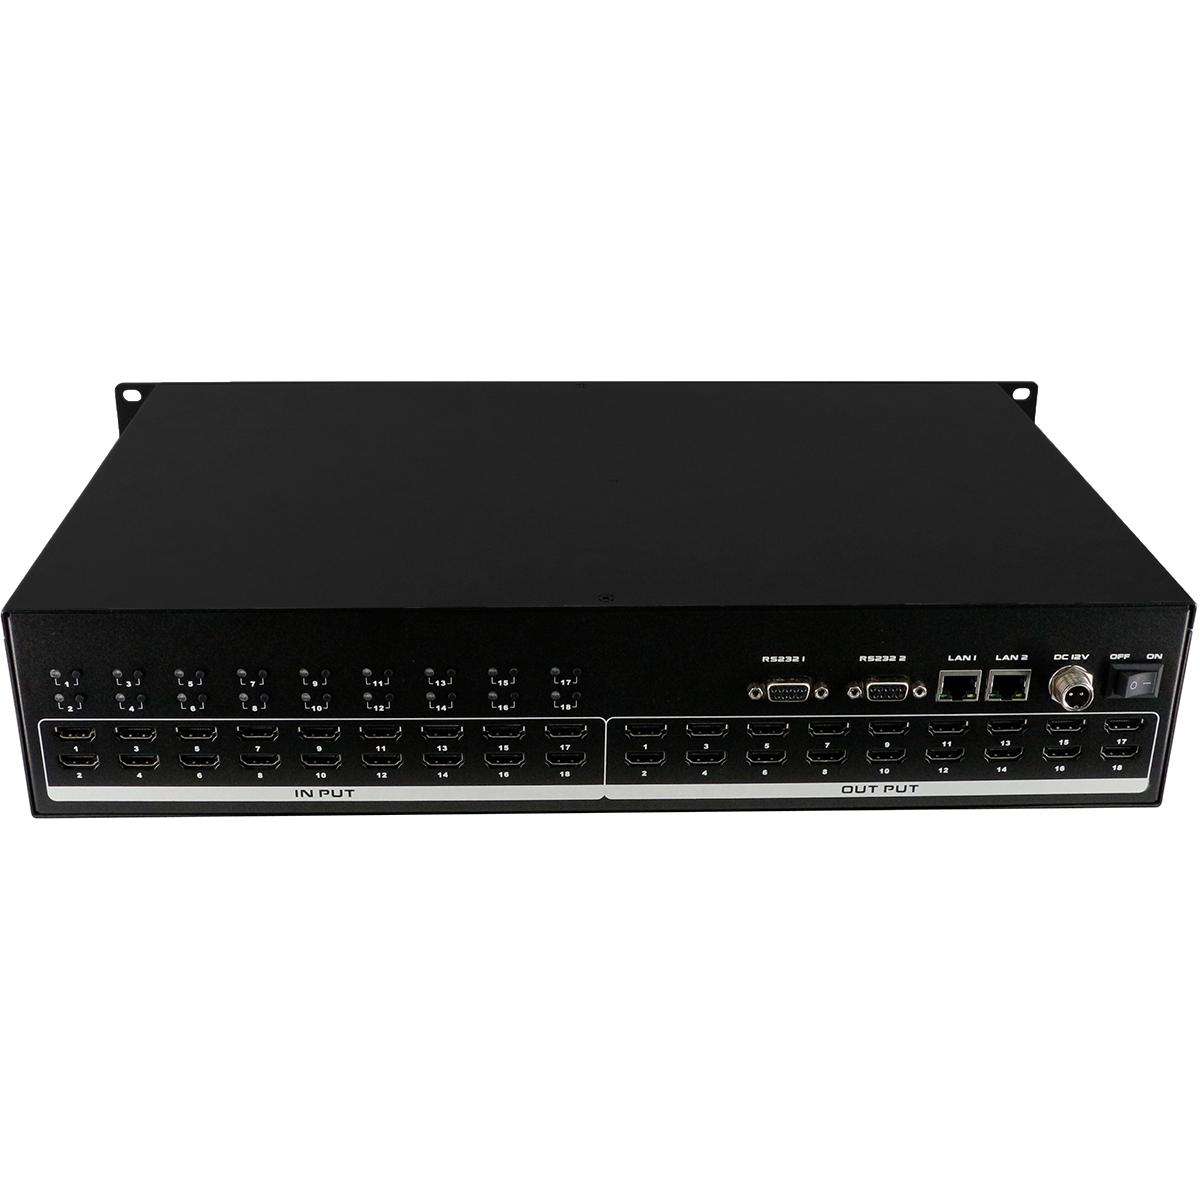 MHD-1818H HDMI高清矩阵